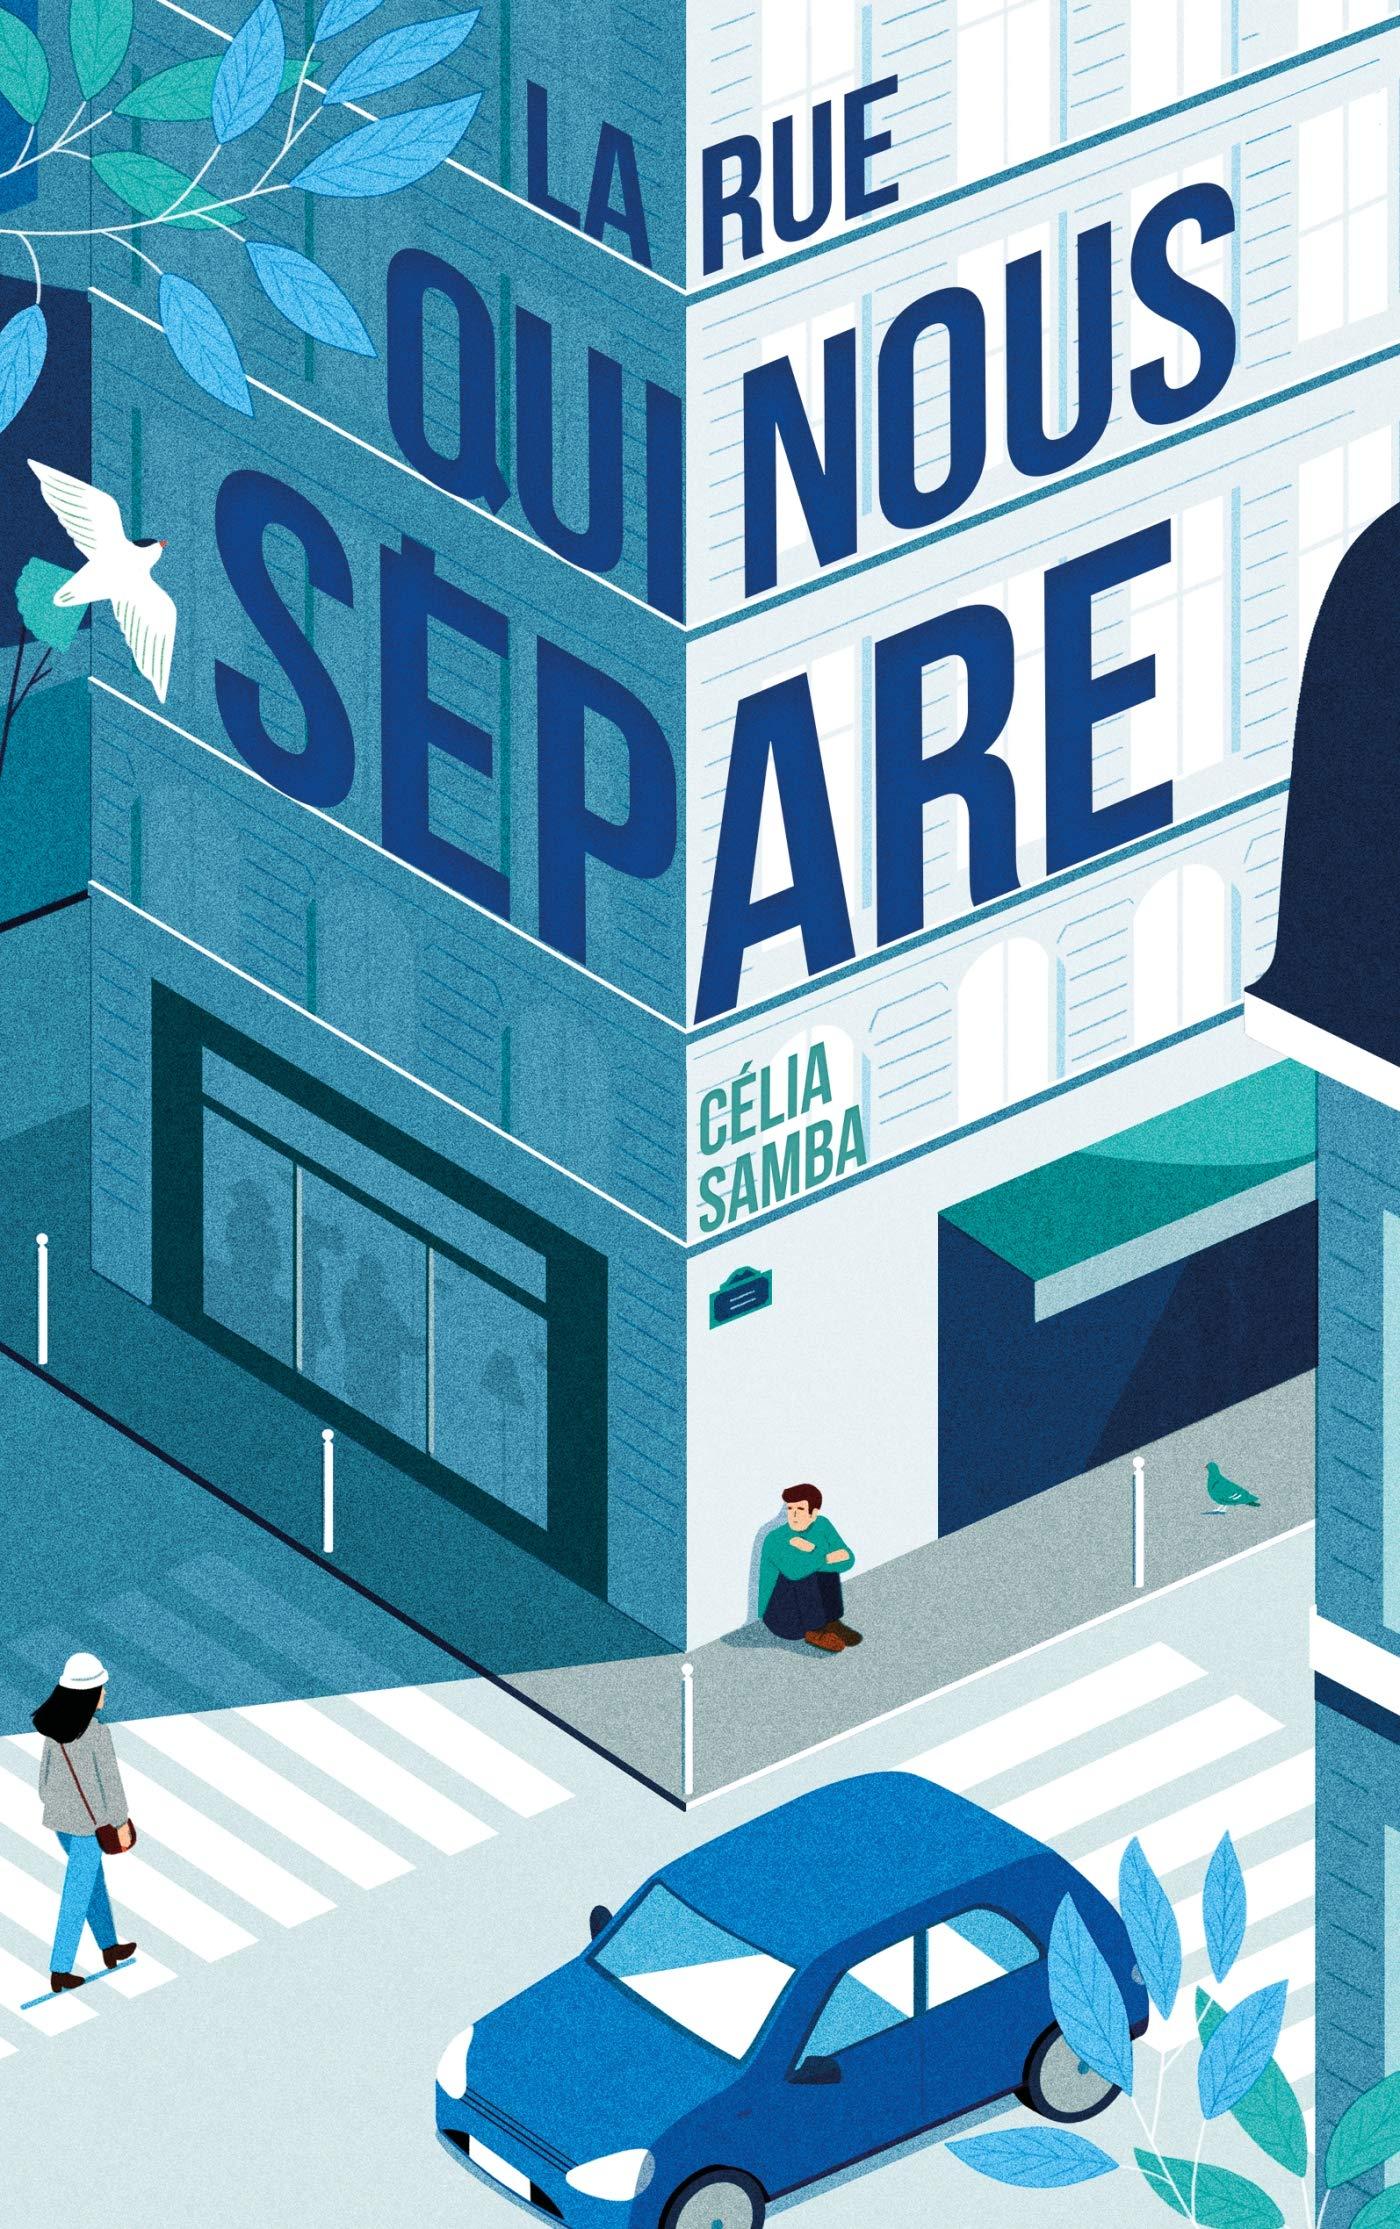 Amazon.fr - La rue qui nous sépare: Un premier roman engagé, une histoire  d'amour au-delà des préjugés - Samba, Célia - Livres